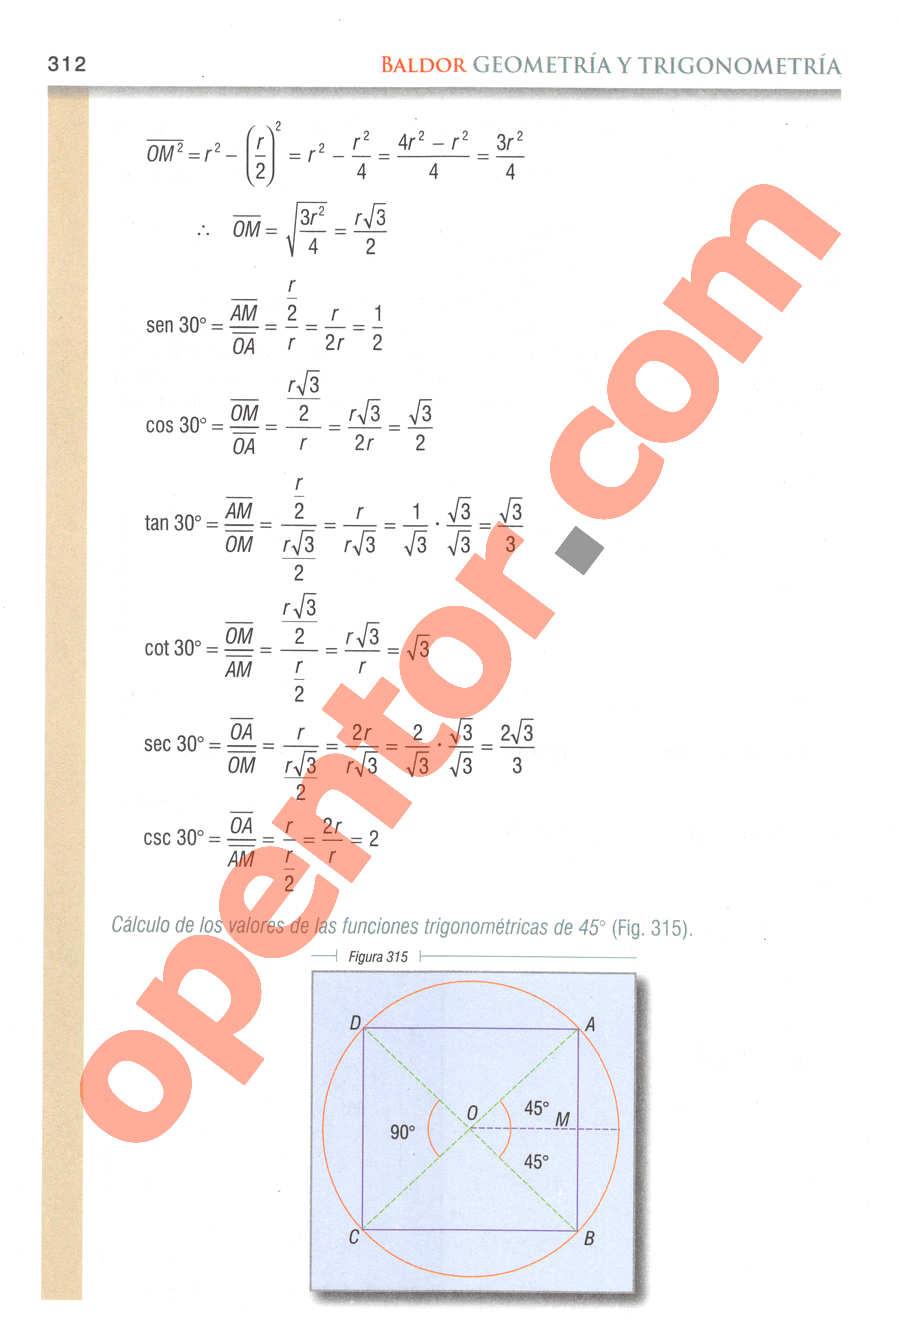 Geometría y Trigonometría de Baldor - Página 312